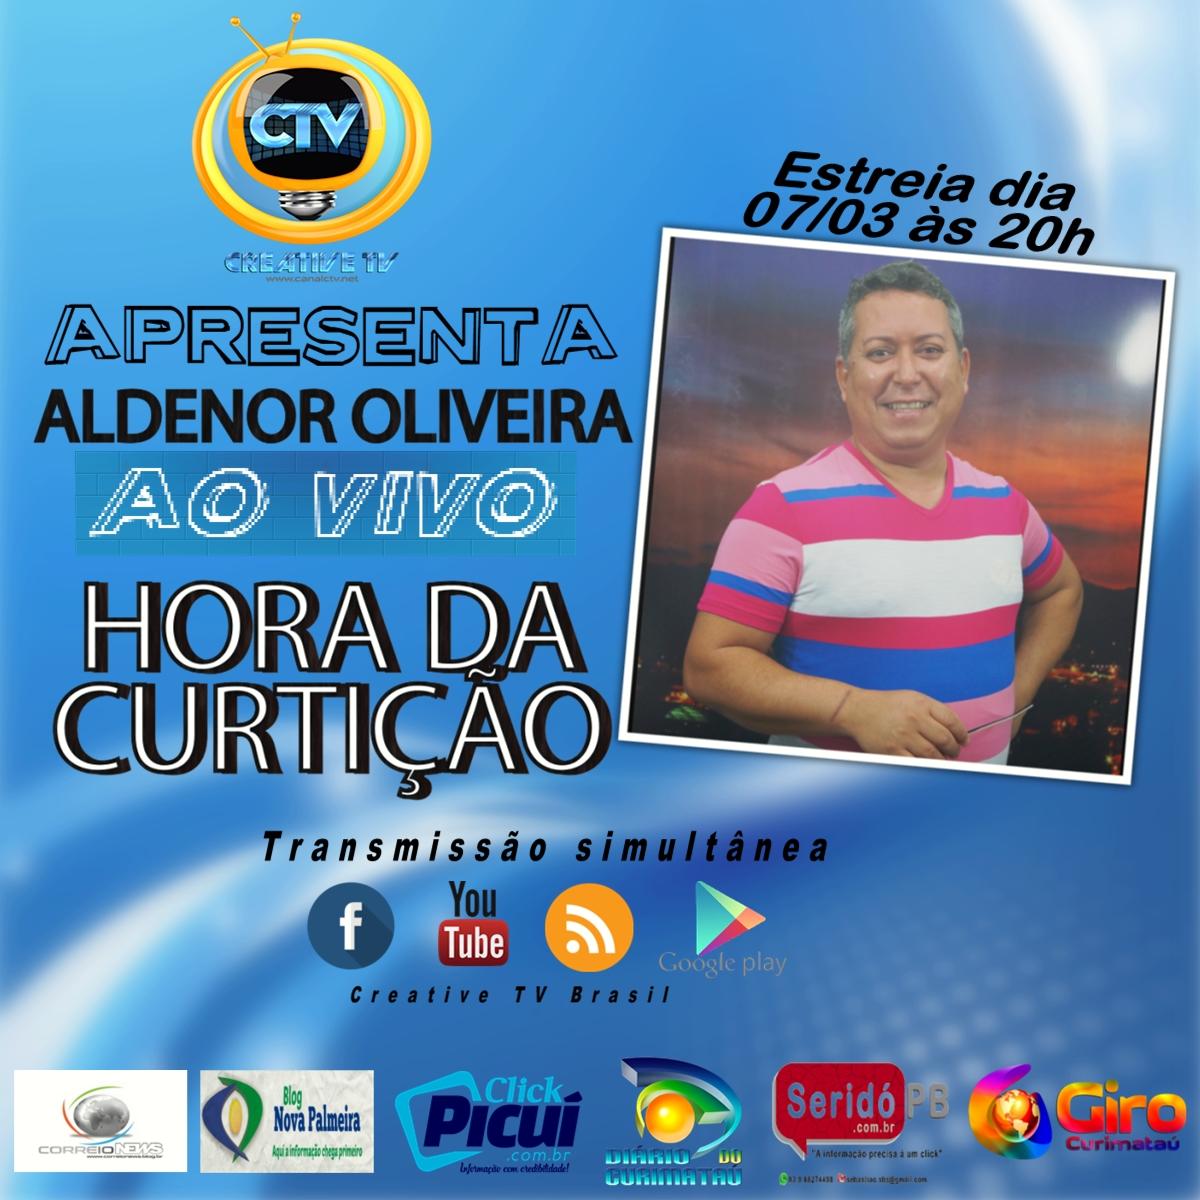 Aldenor Oliveira O Novo Apresentador Da Creative Tv Brasil  -> Sala De Redacao Na Tv Ao Vivo